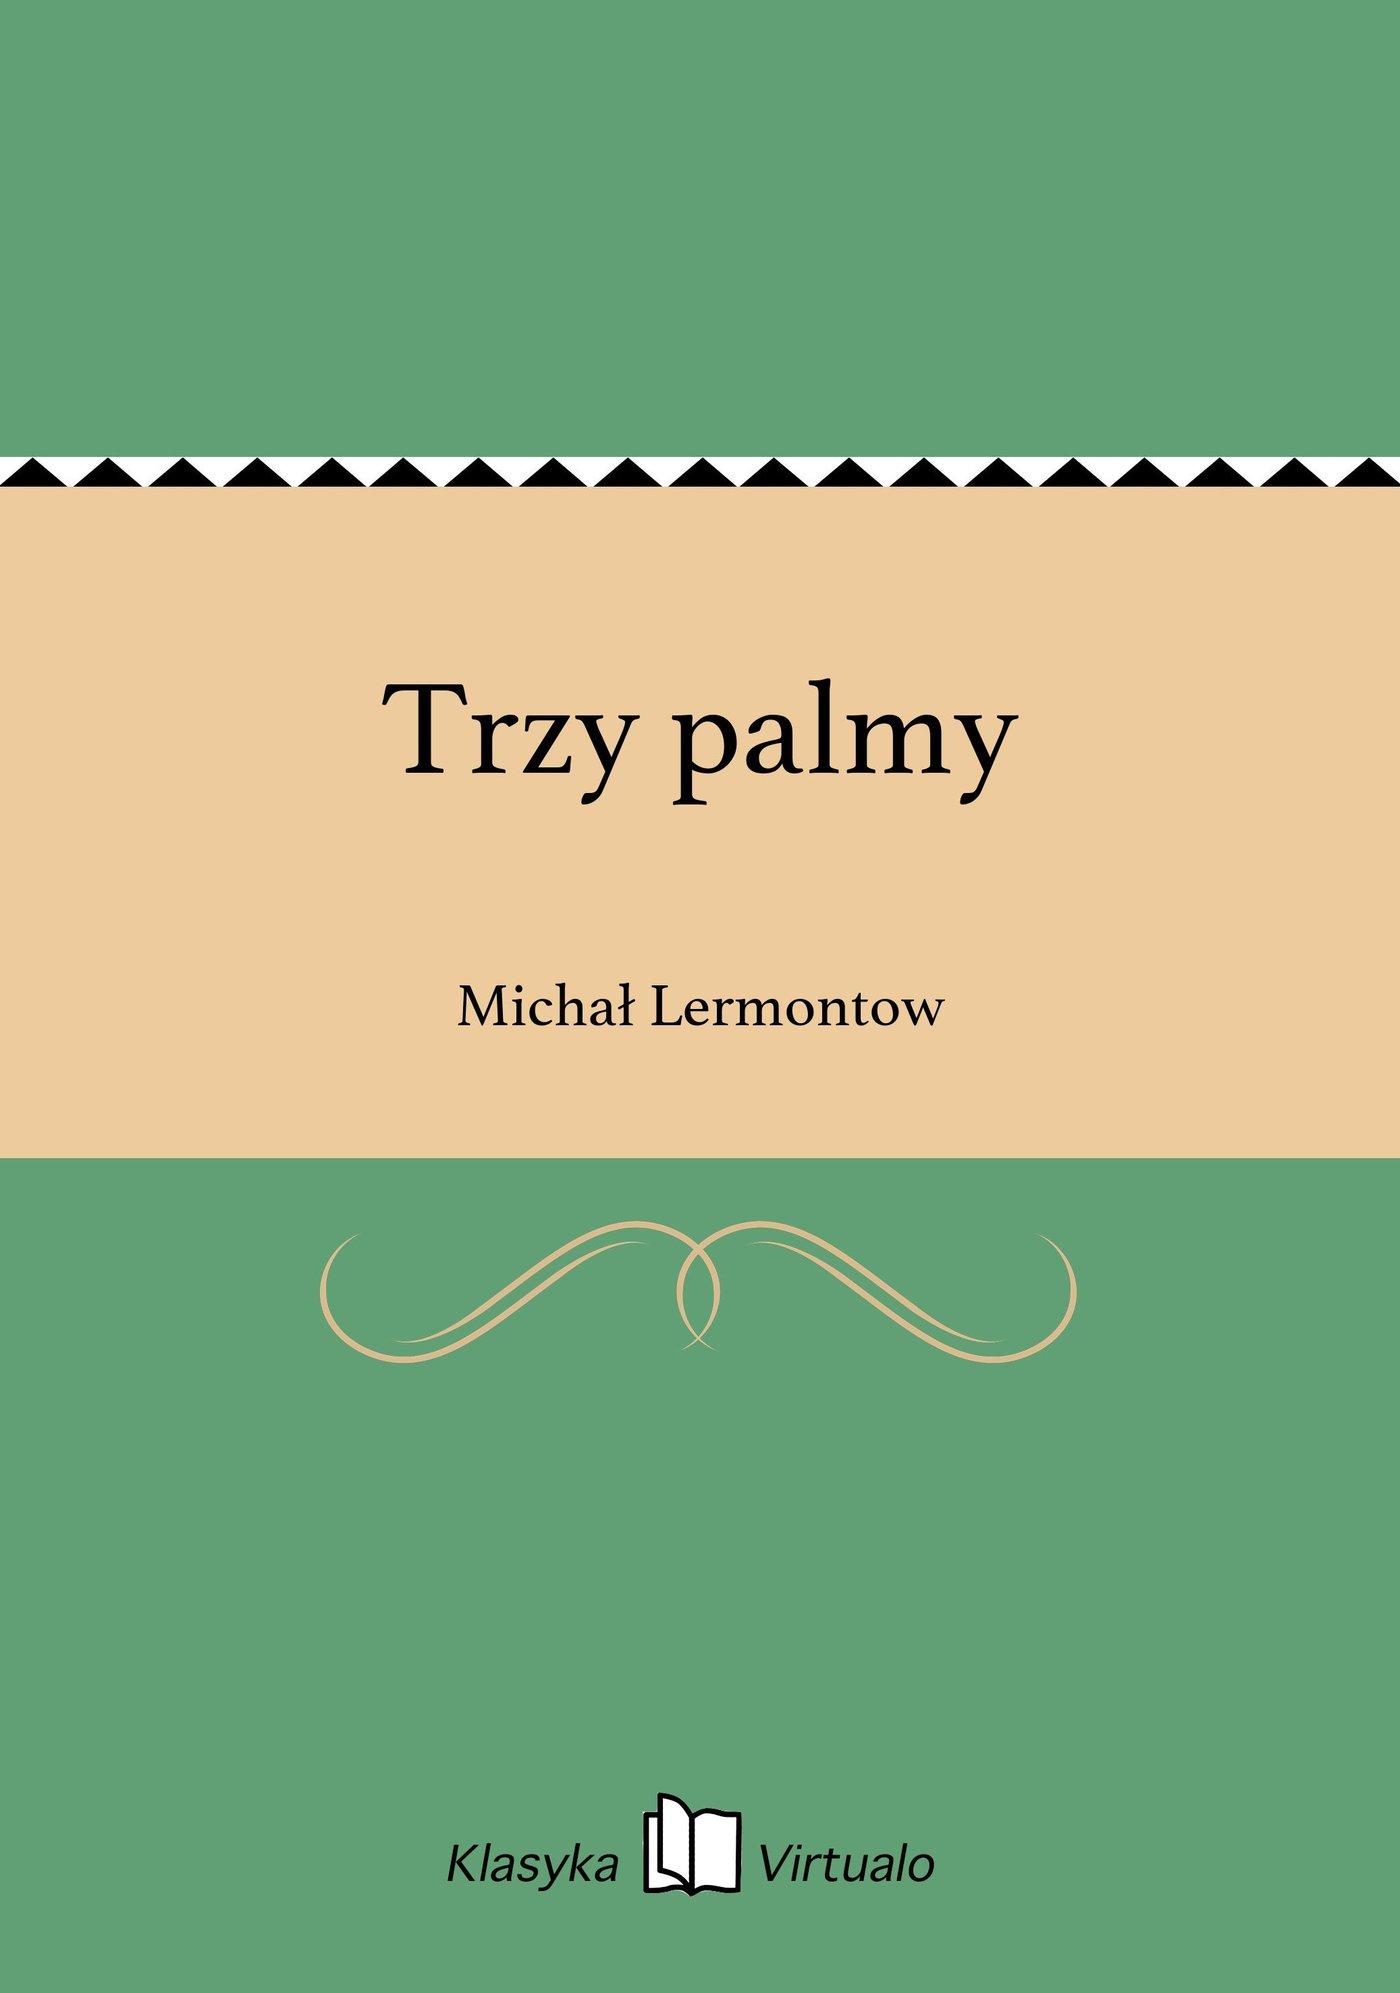 Trzy palmy - Ebook (Książka EPUB) do pobrania w formacie EPUB